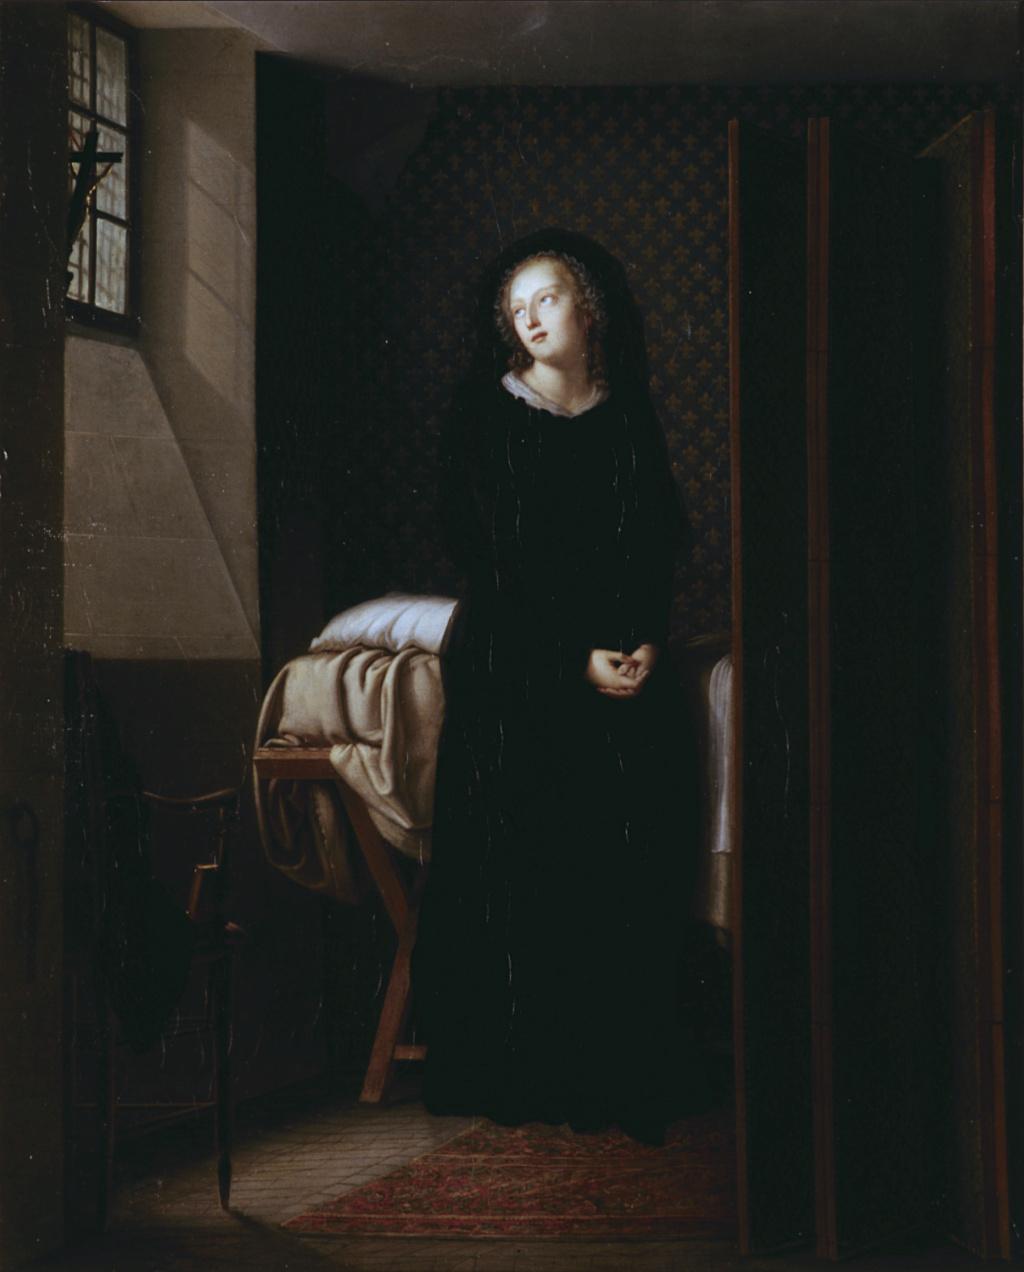 Portraits de Marie-Antoinette dans les prisons du Temple et de la Conciergerie - Page 4 Marie_40